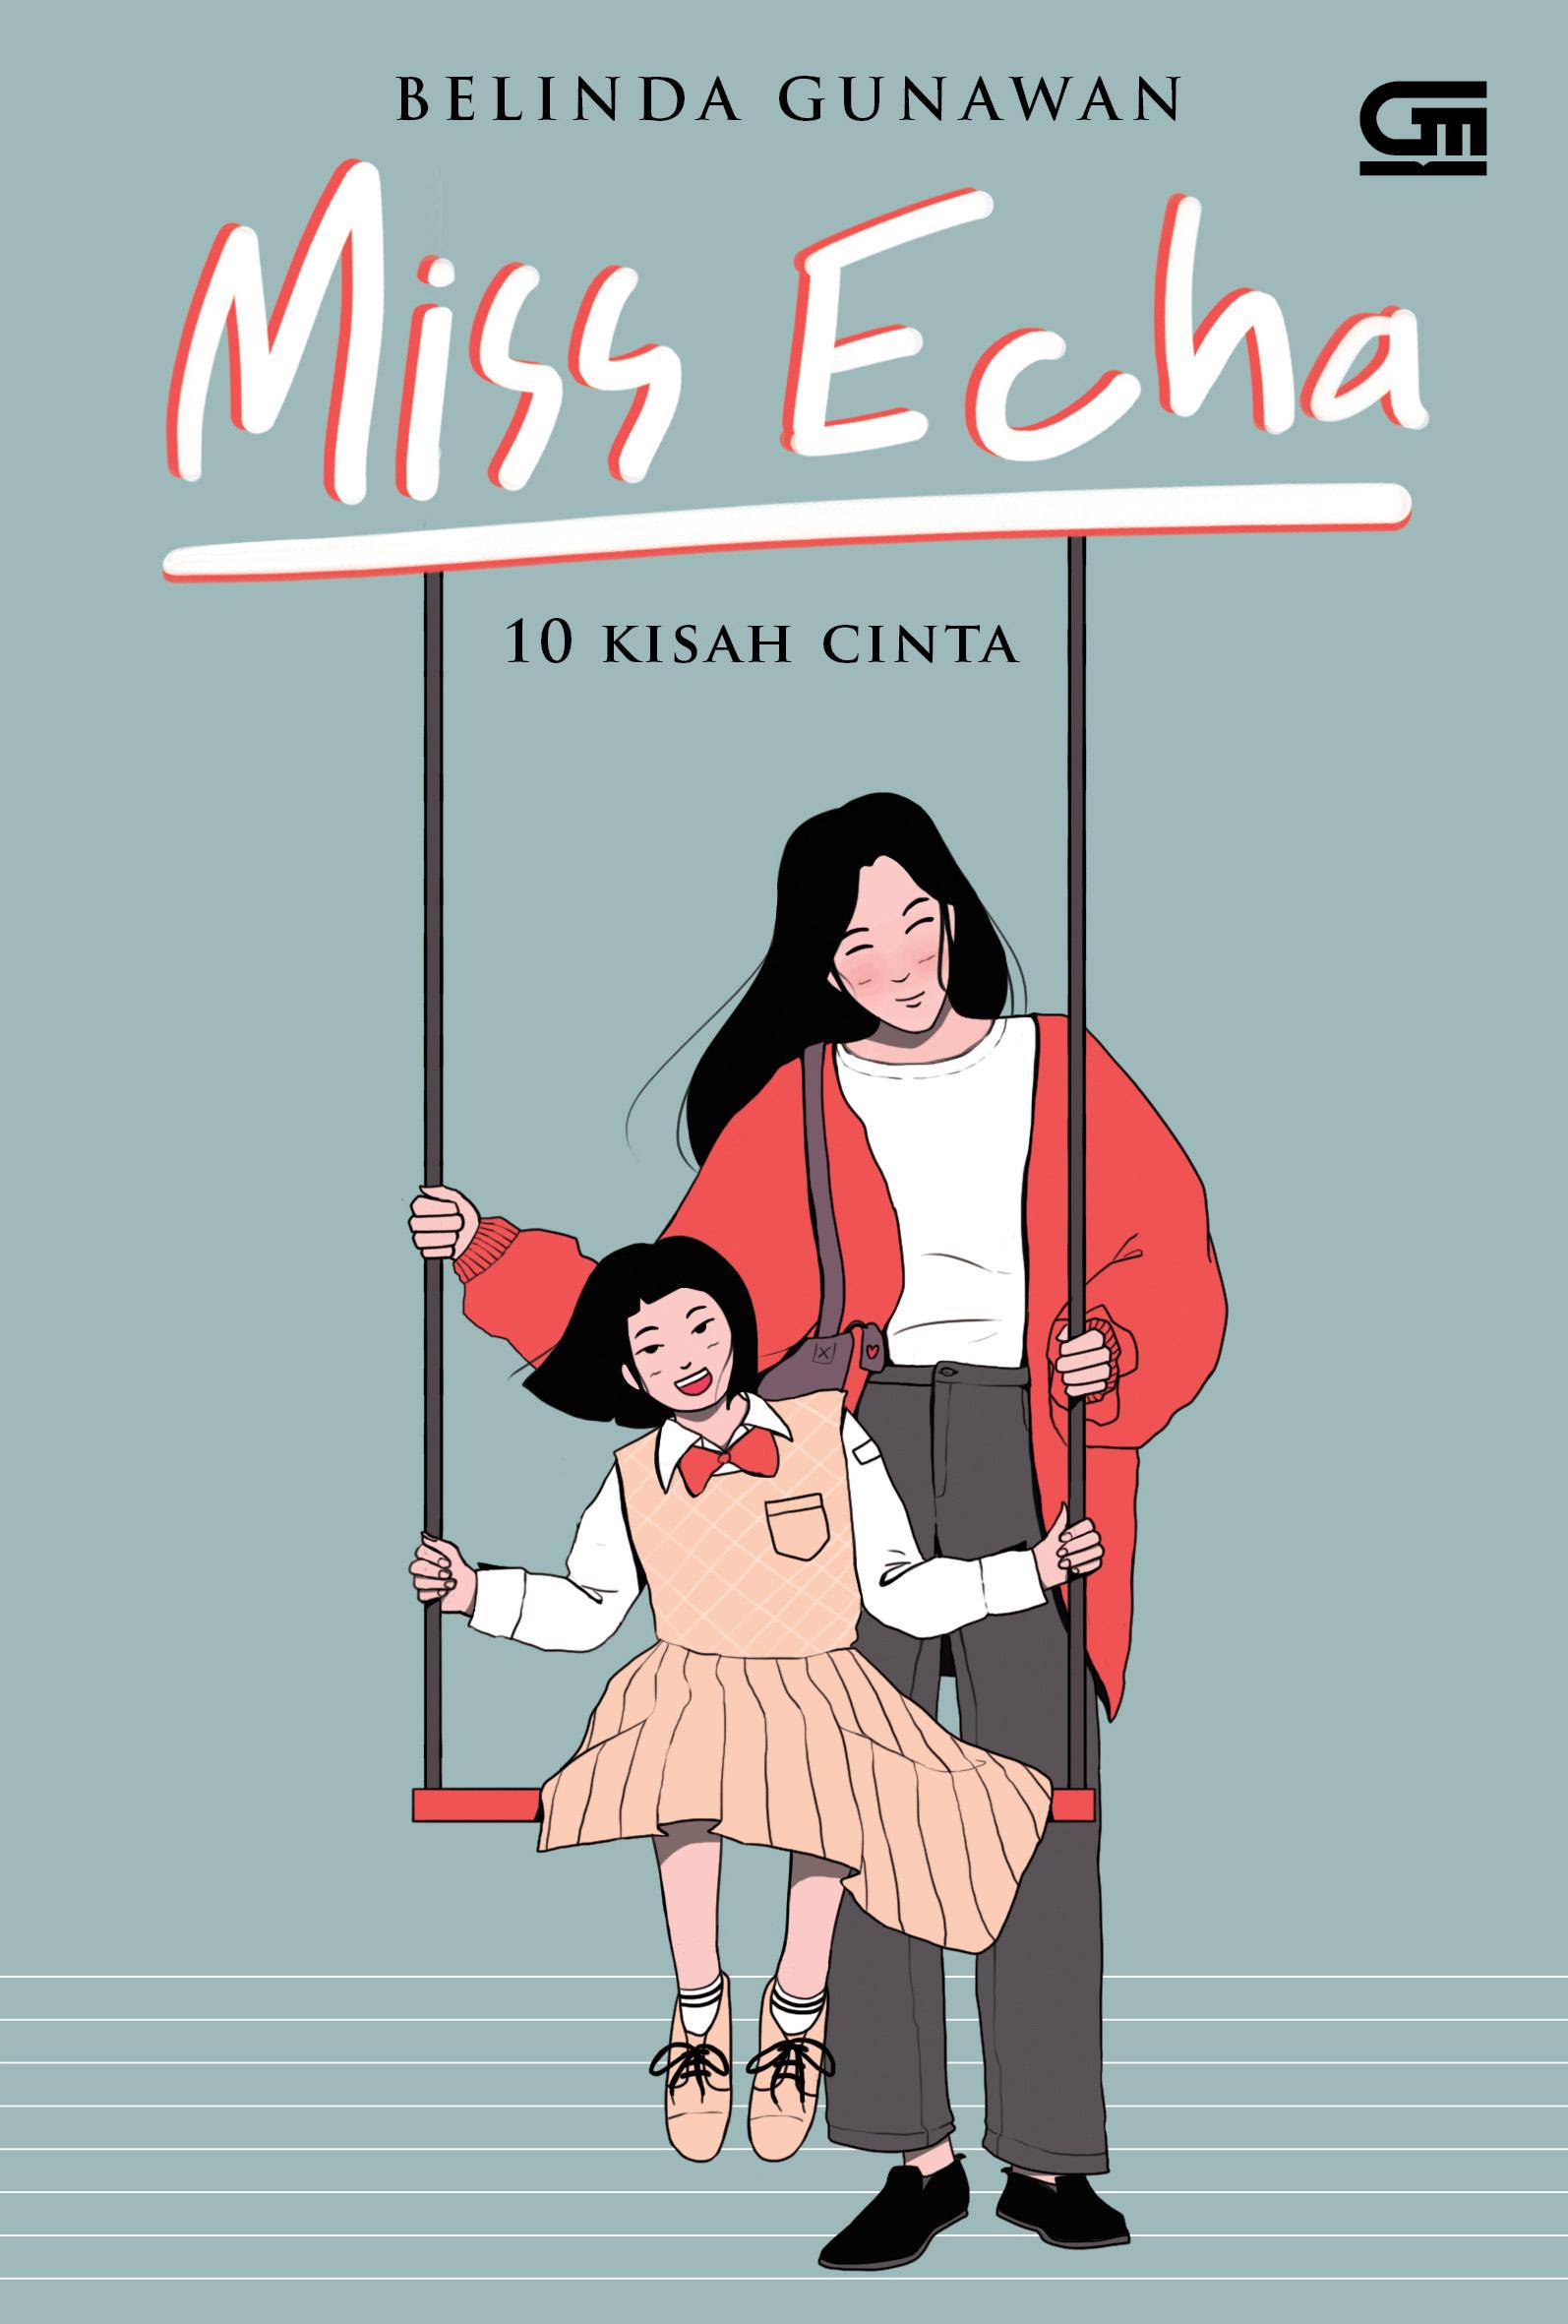 Miss Echa